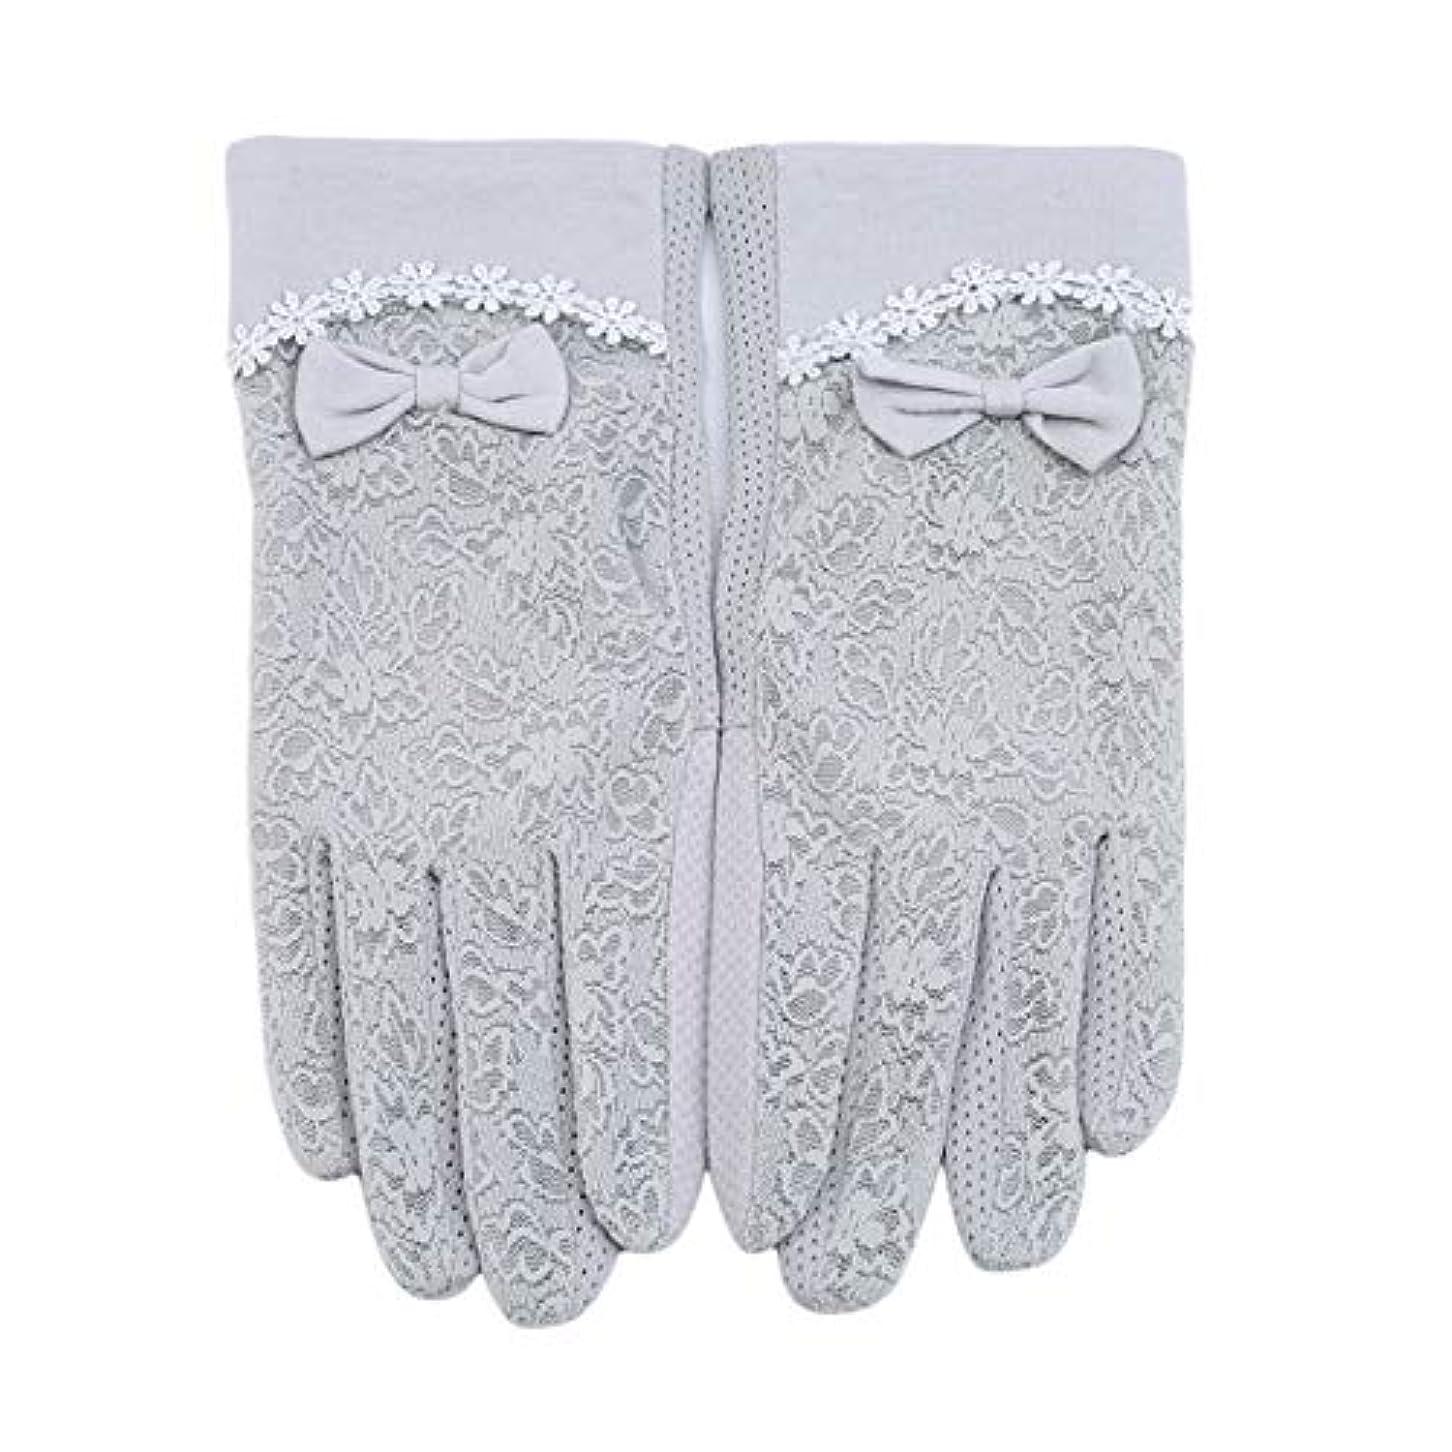 特殊サスティーン元気なMODMHB 手袋 UVカット 手触りが良い 紫外線カット 日焼け防止 ハンド ケア 手荒い対策 保湿 保護 抗菌 防臭